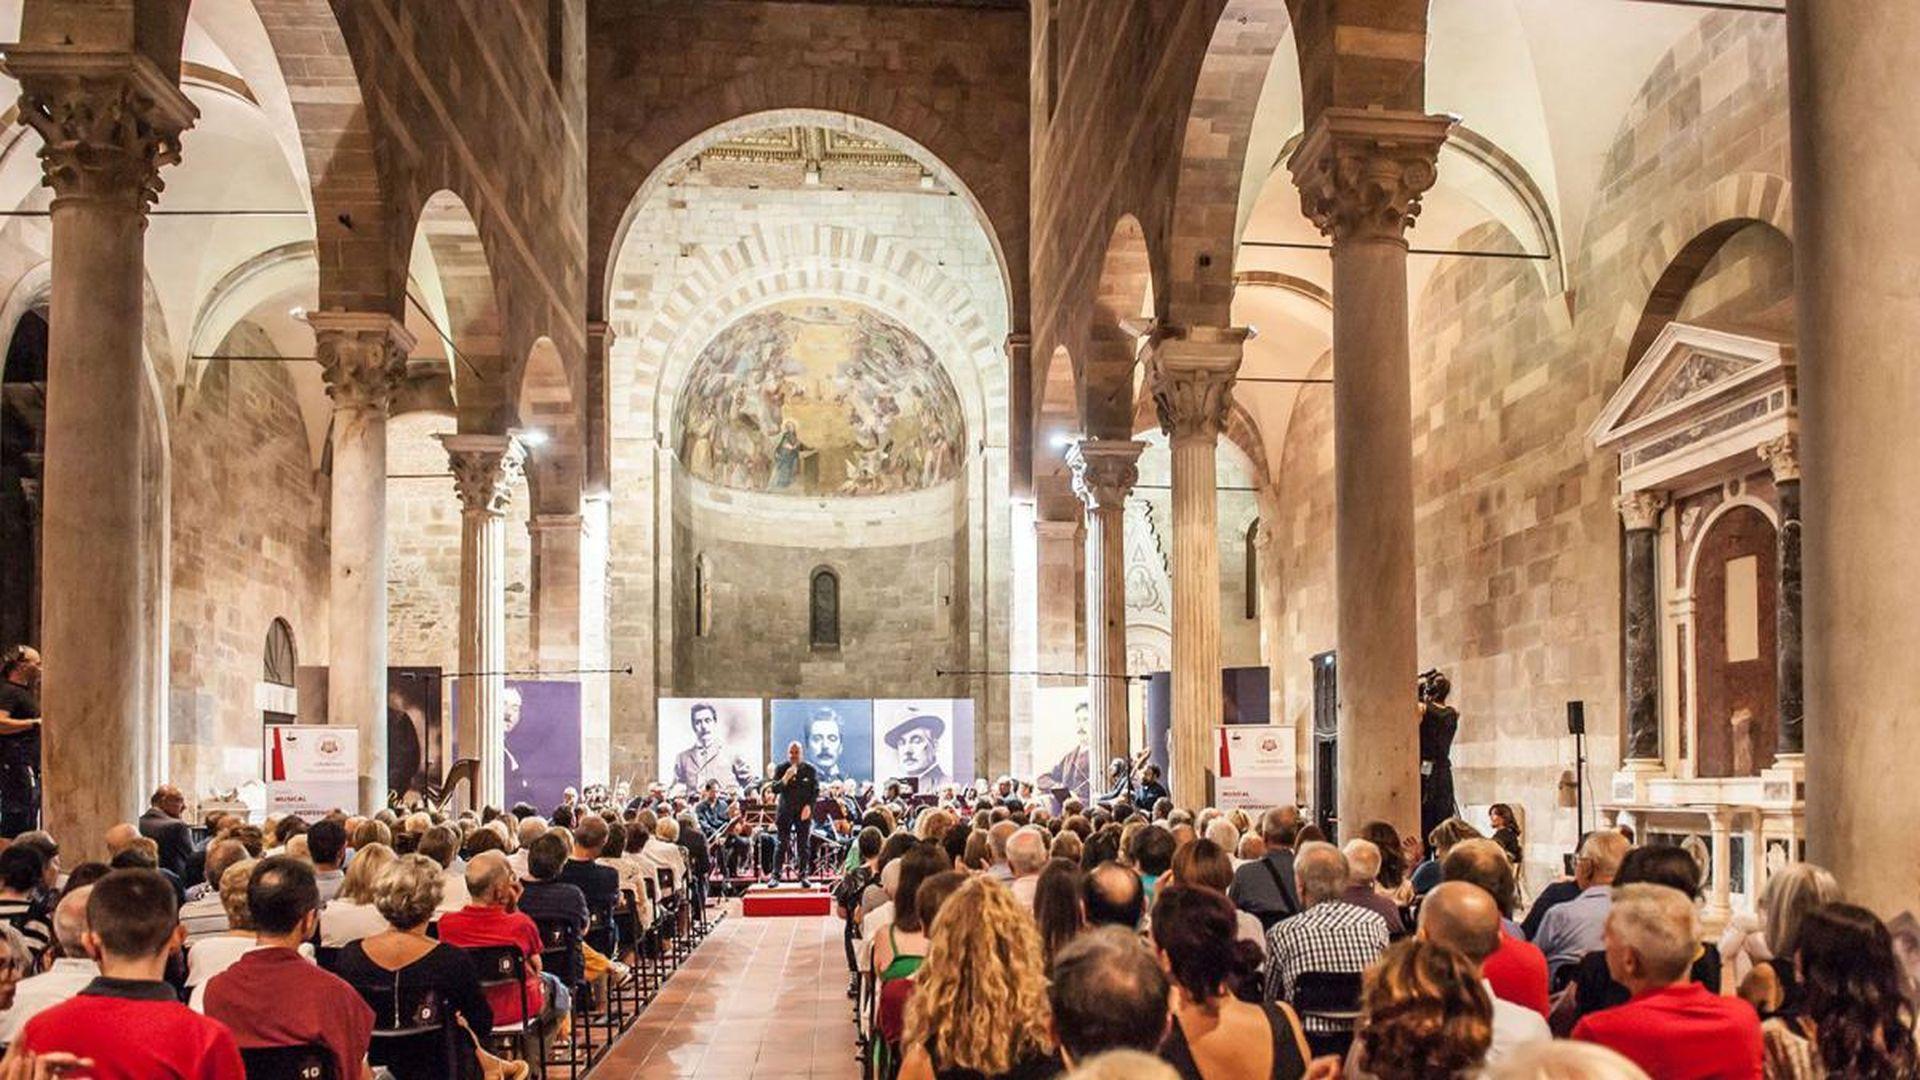 Lucca inernational puccini festival nella chiesa di san giovanni